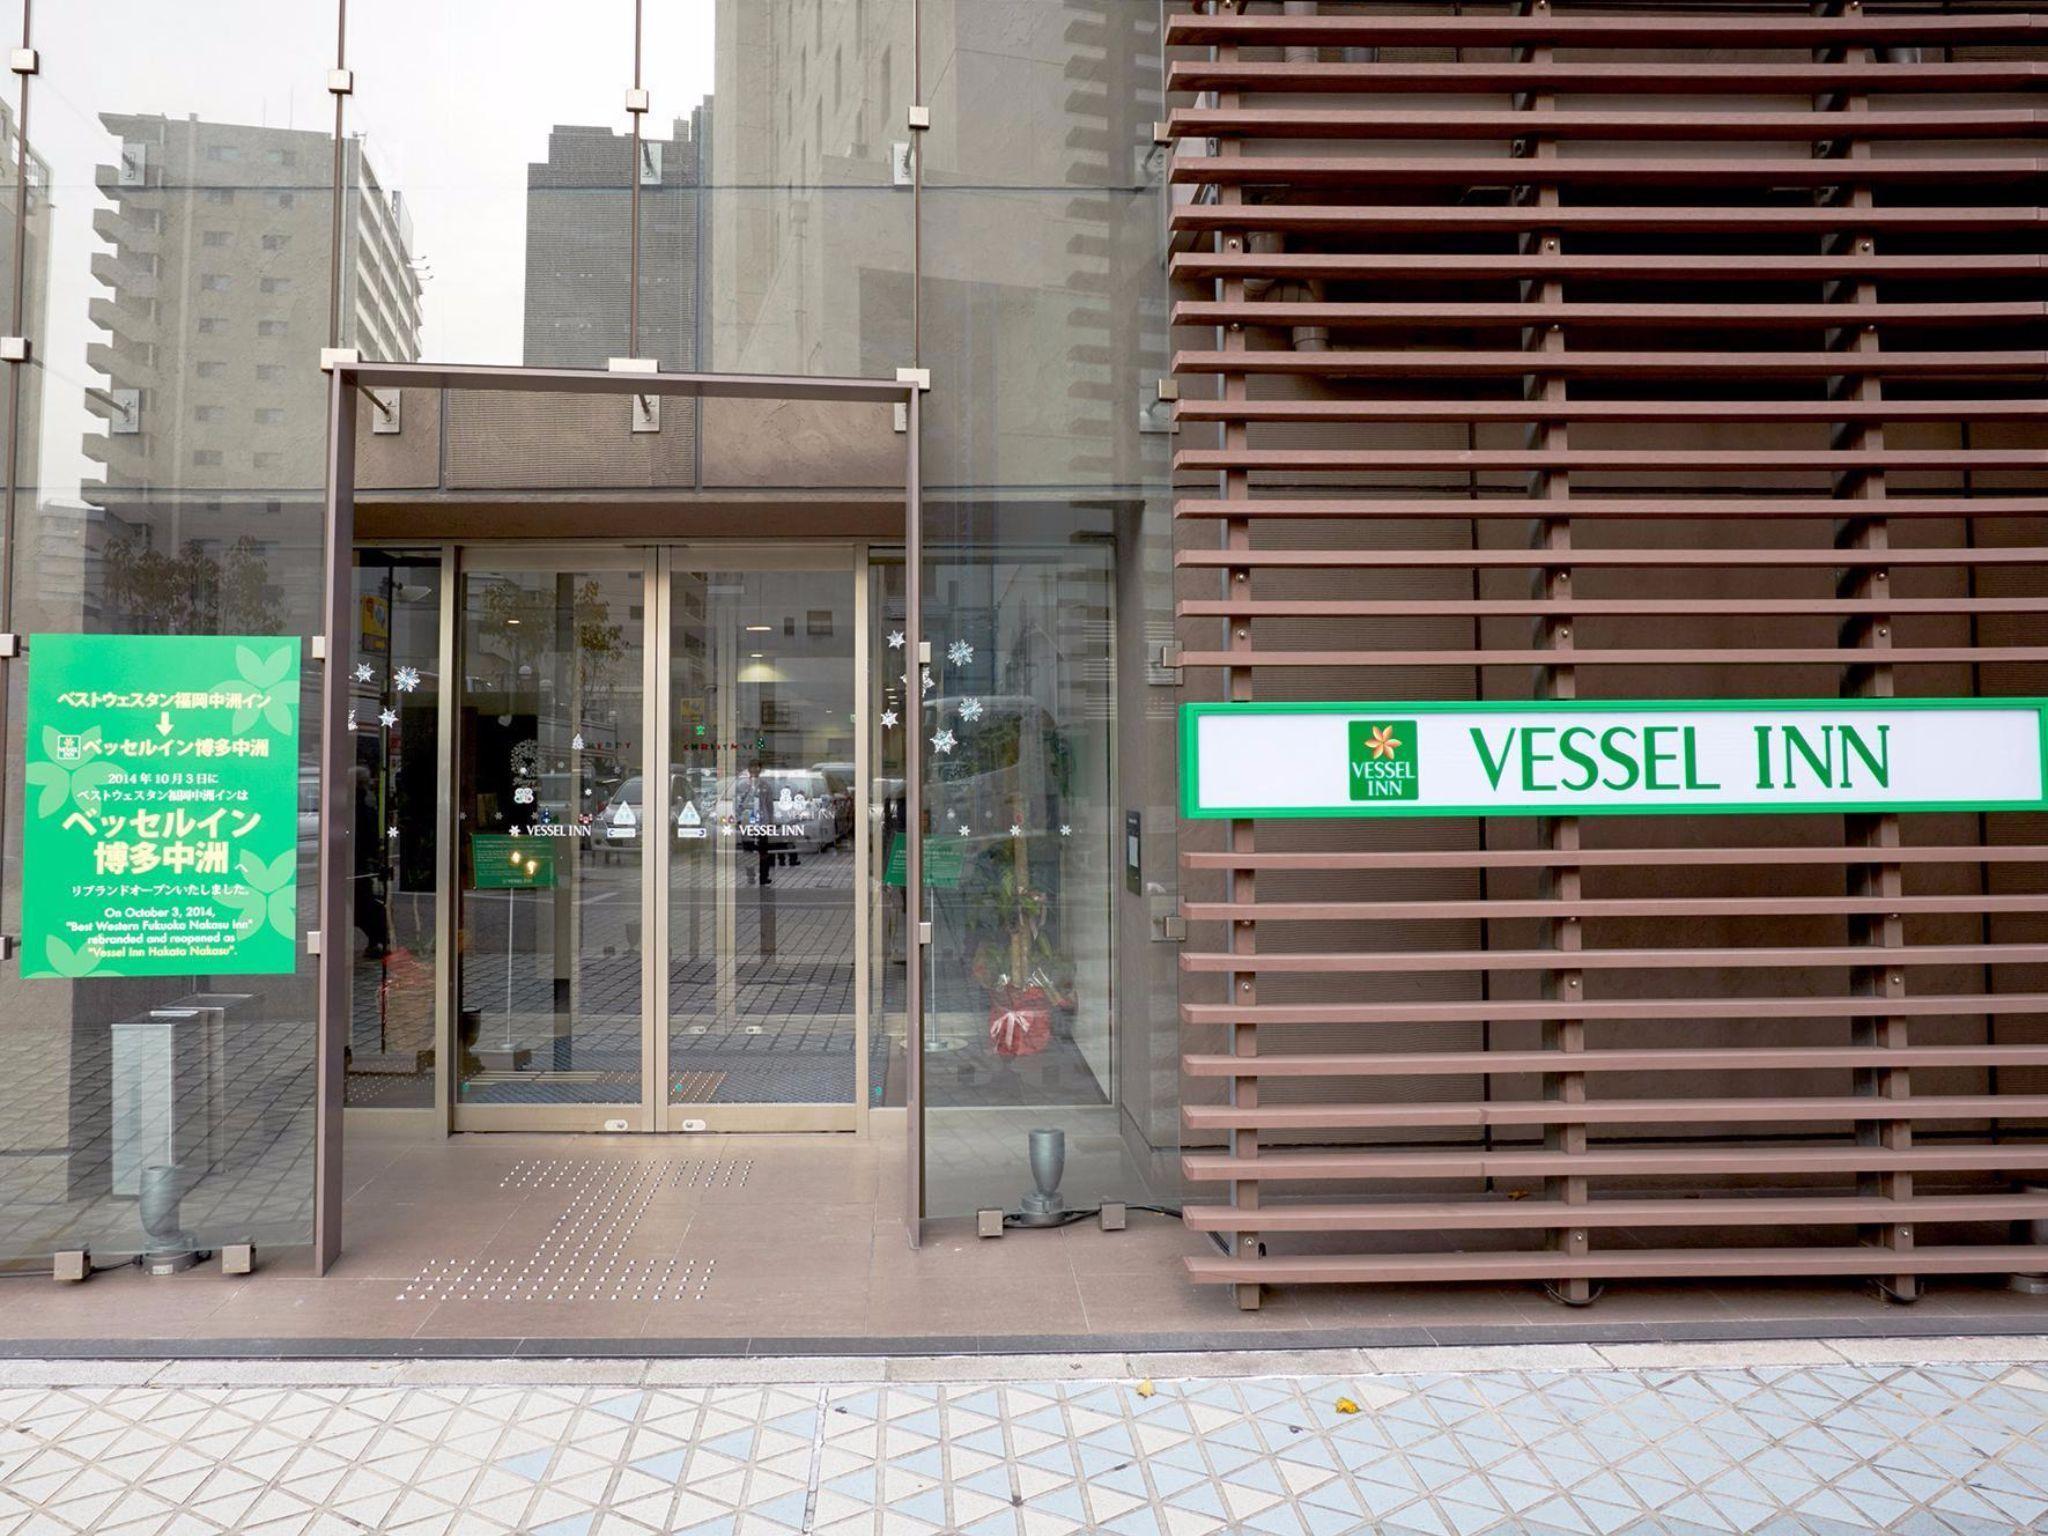 ベッセルイン博多中洲 Vessel Inn Hakata Nakasu - 福岡 Fukuoka 日本 Japan のホテル - ホテル情報 ホテル予約 - ぶらり日本